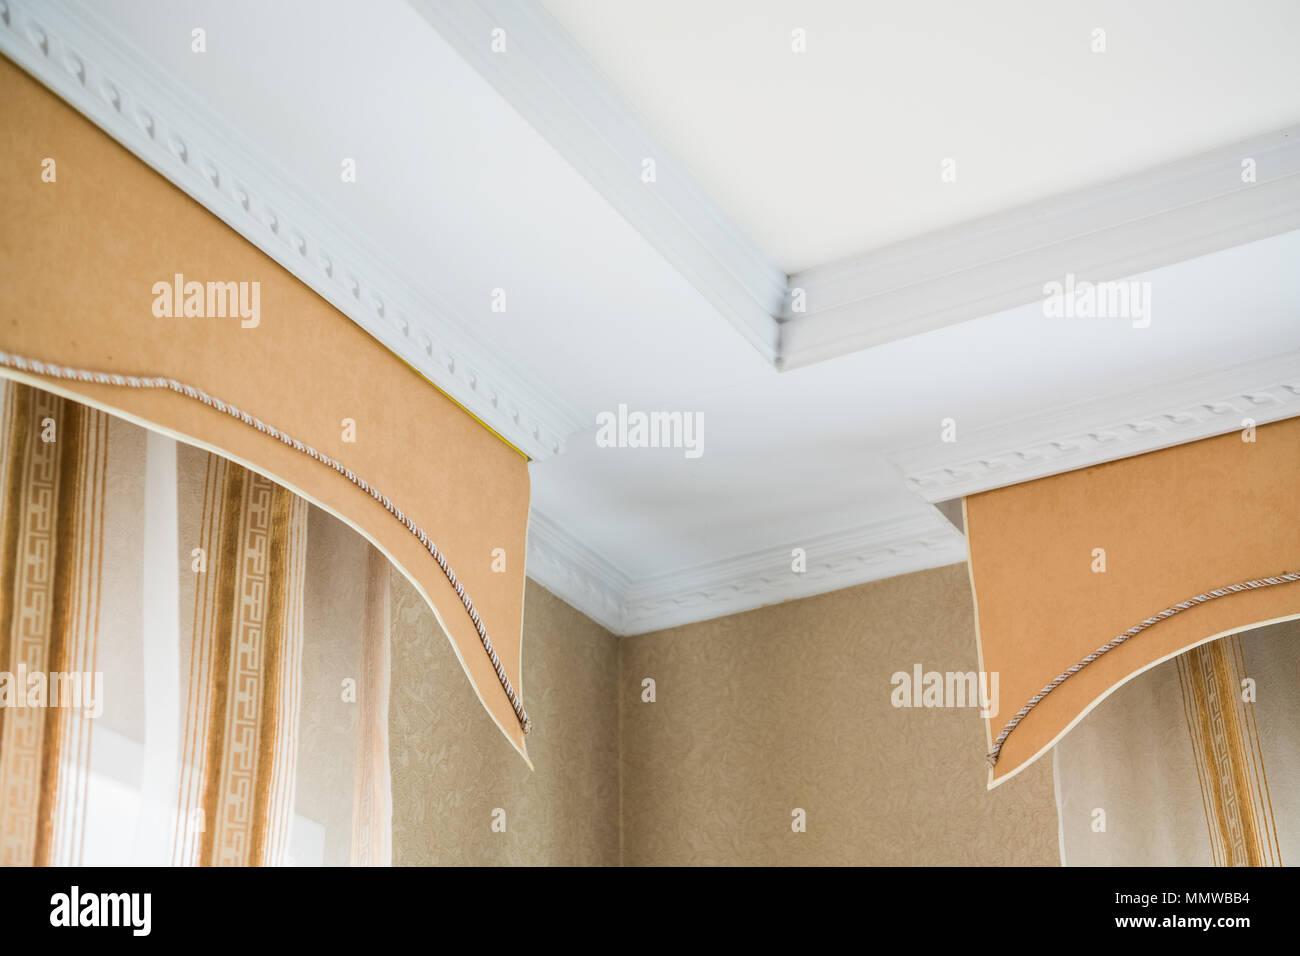 stuck an der decke und vorhänge in reichen wohnung stockfoto, bild